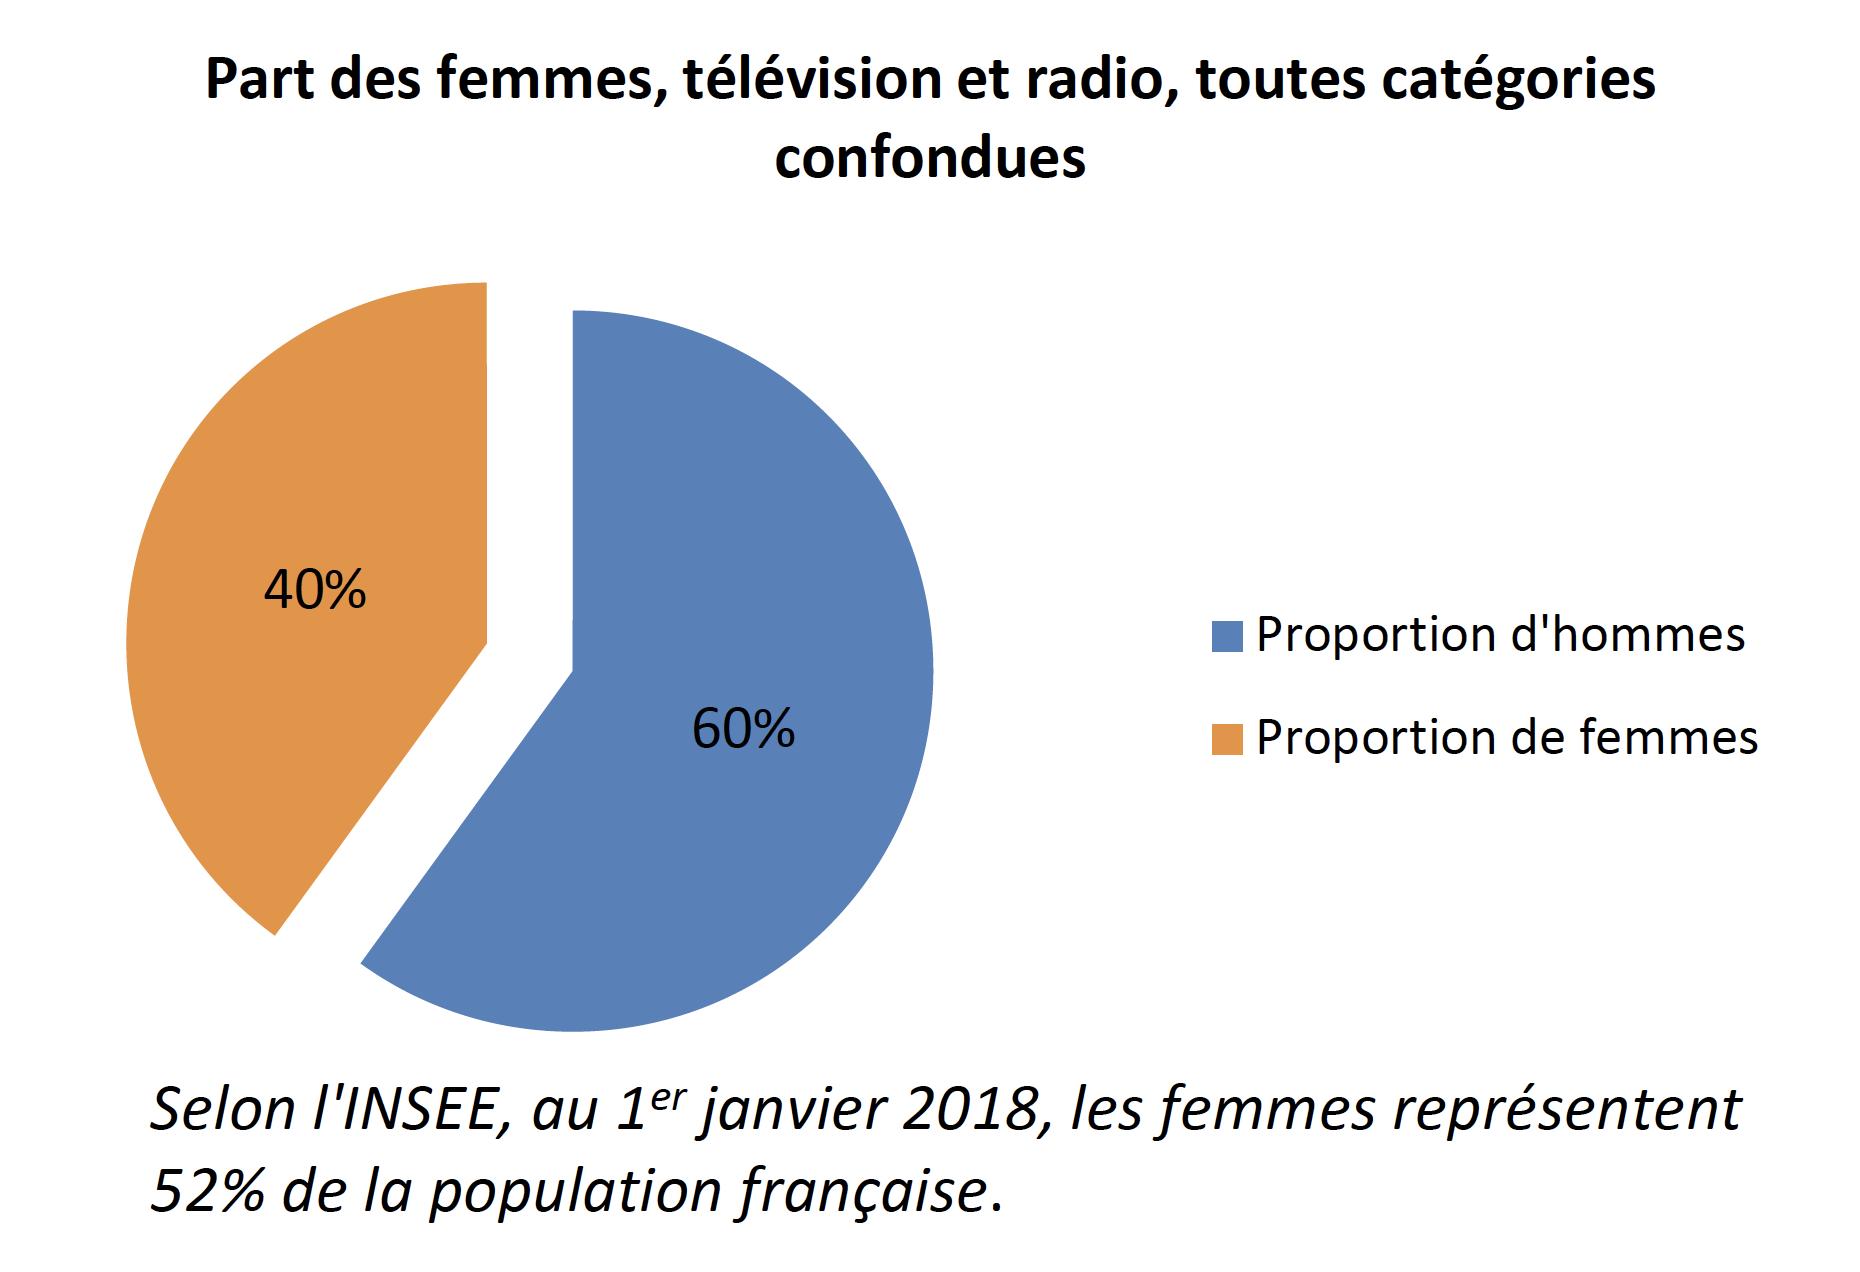 Une présence des femmes en légère hausse sur les antennes - TV et radio confondues - par rapport à 2016 (+2 points)